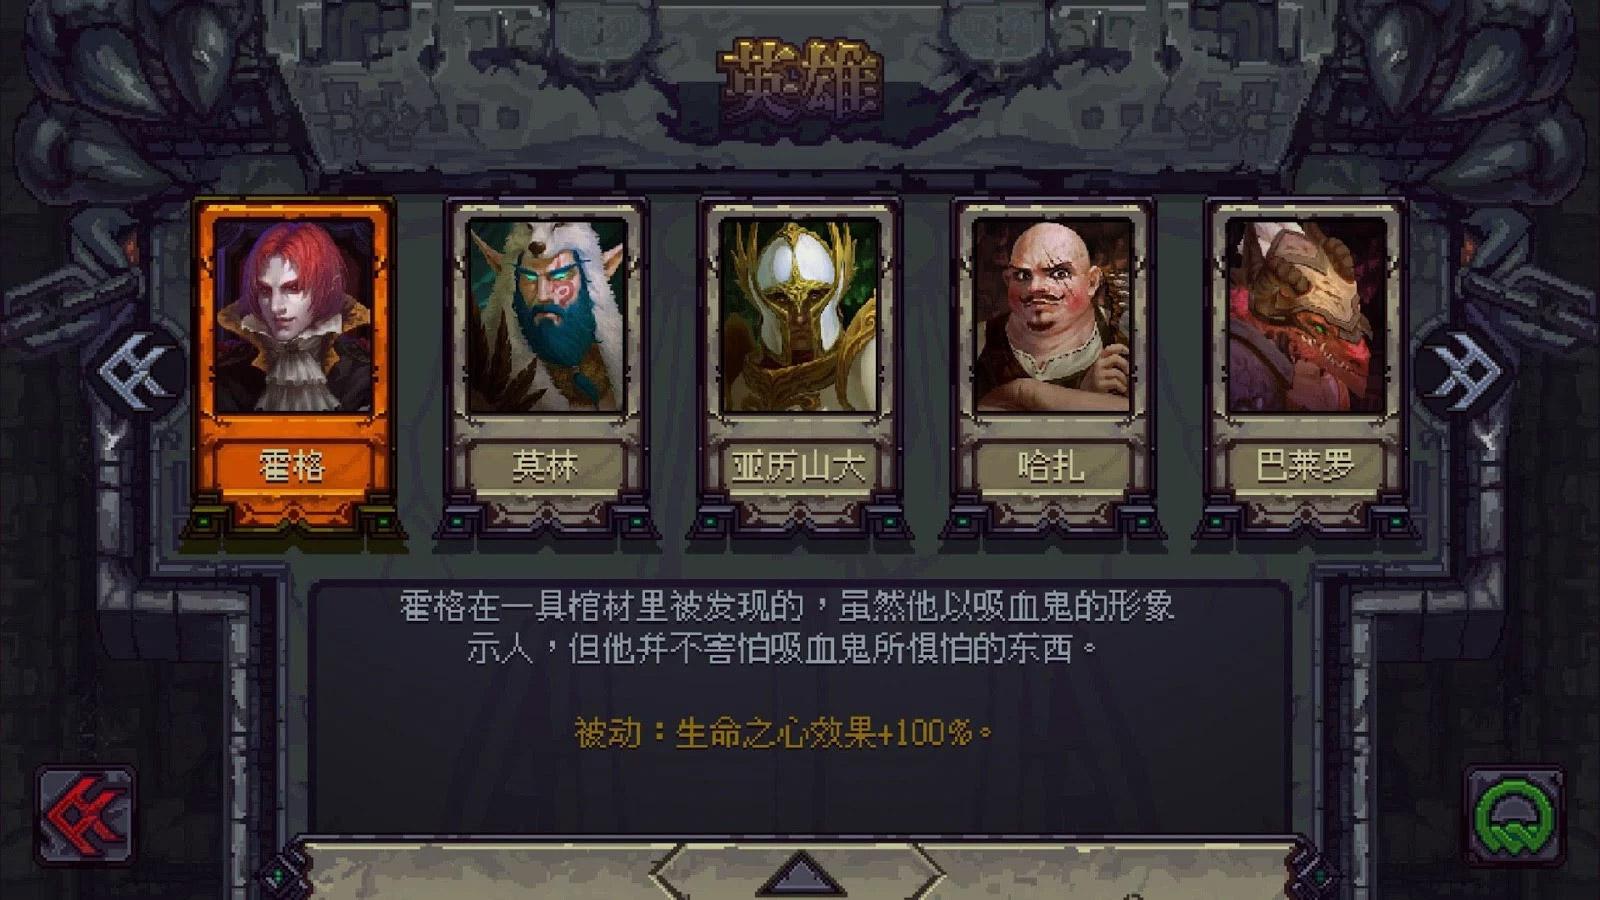 中变传奇发布网站游戏截图3